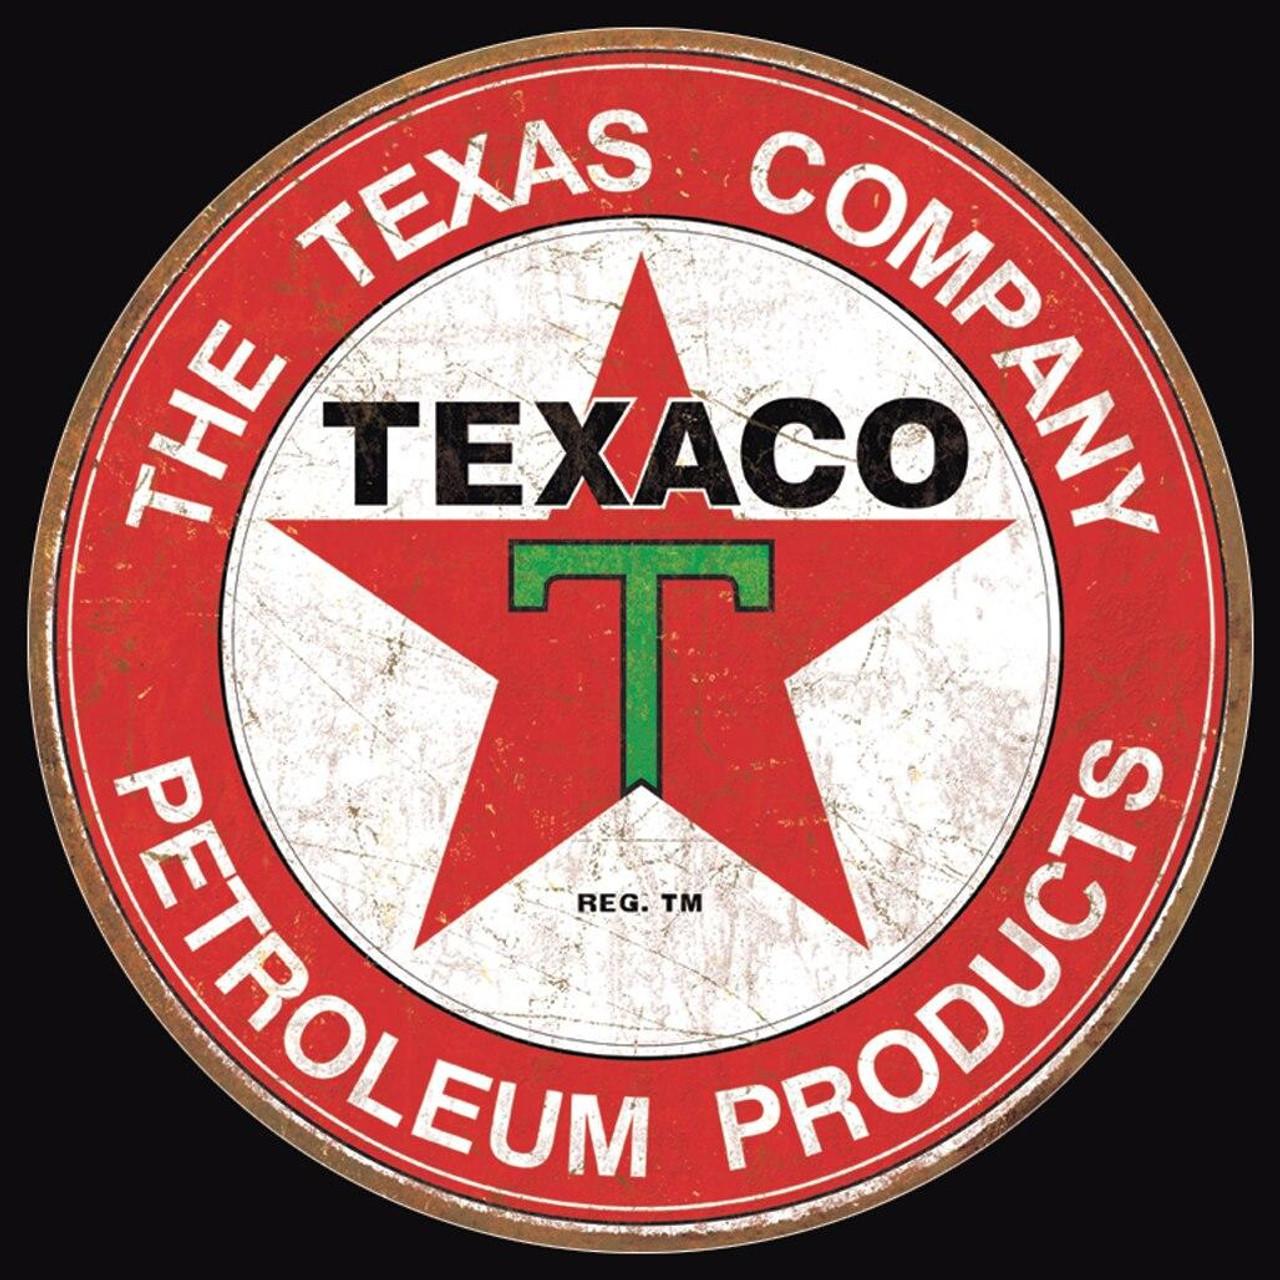 Texaco Texaco - The Texas Company